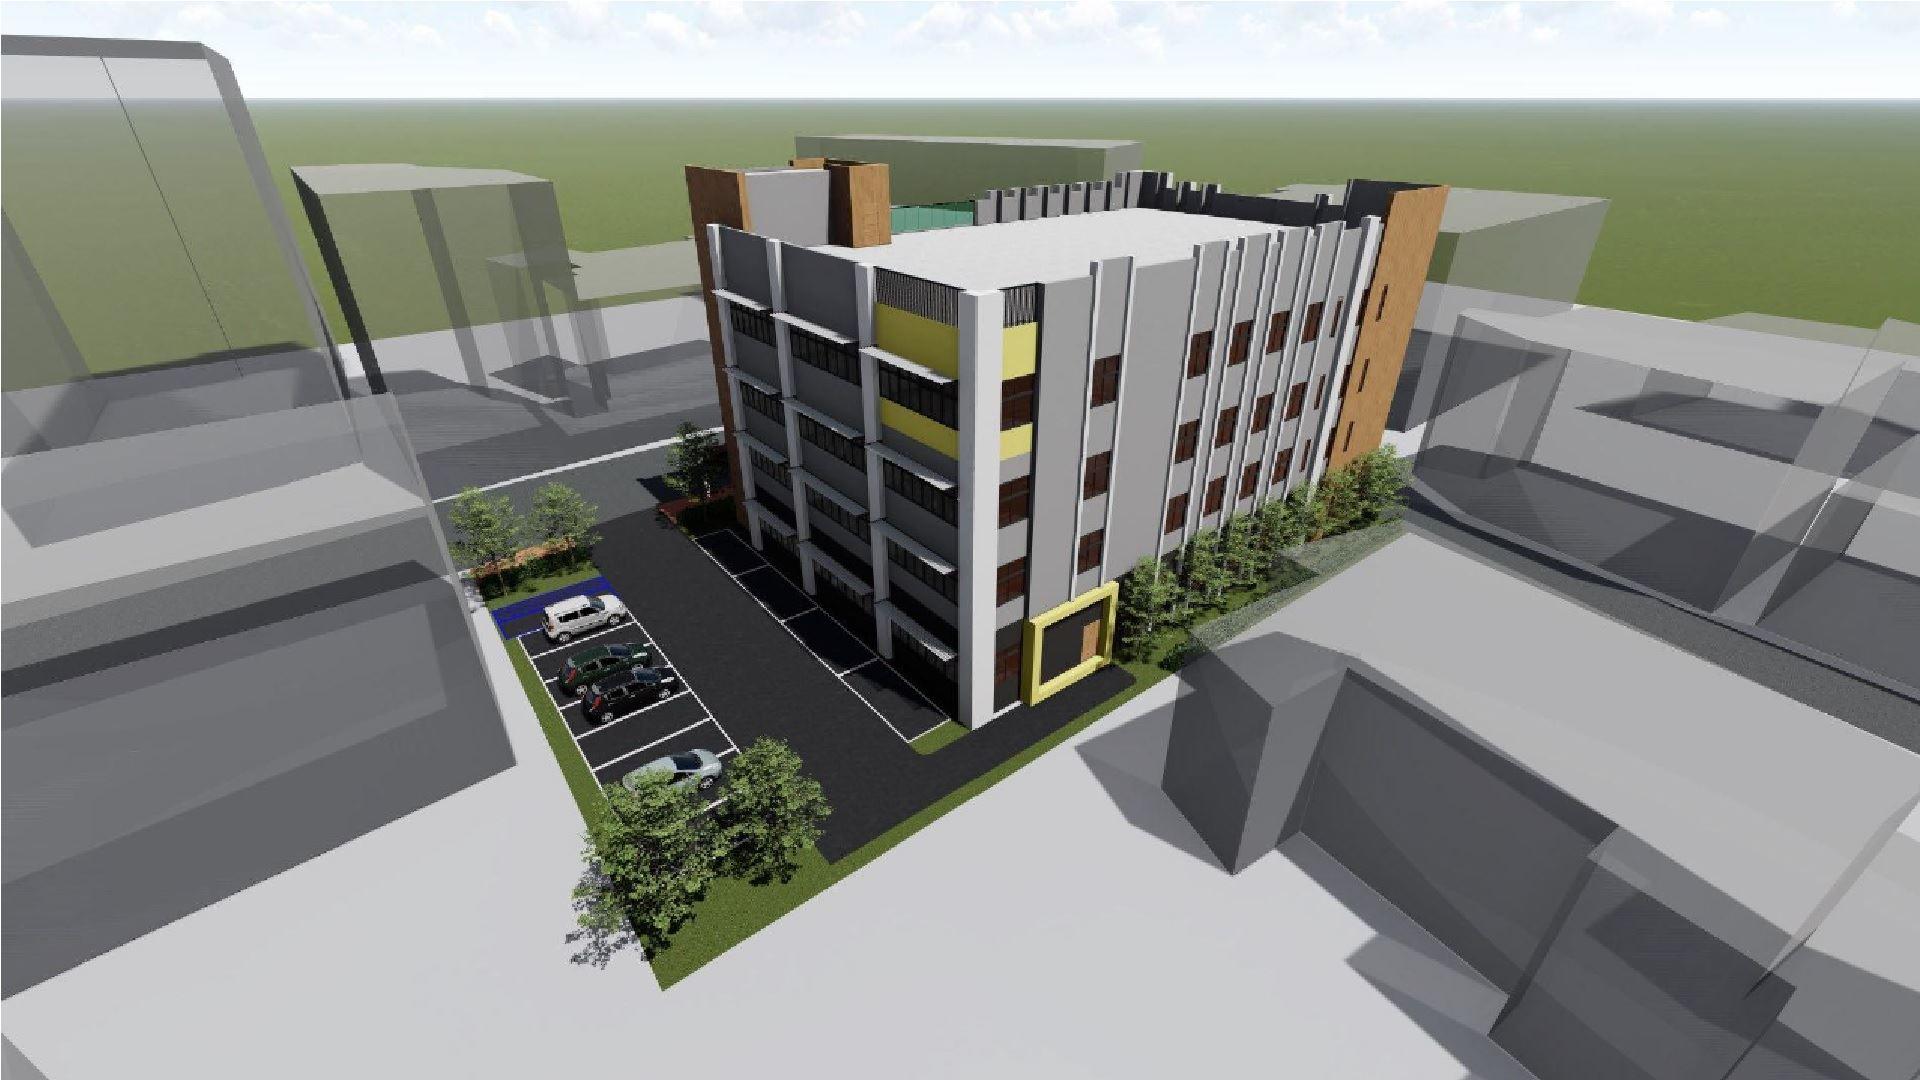 卓蘭鎮公所新建辦公廳舍立面圖之2